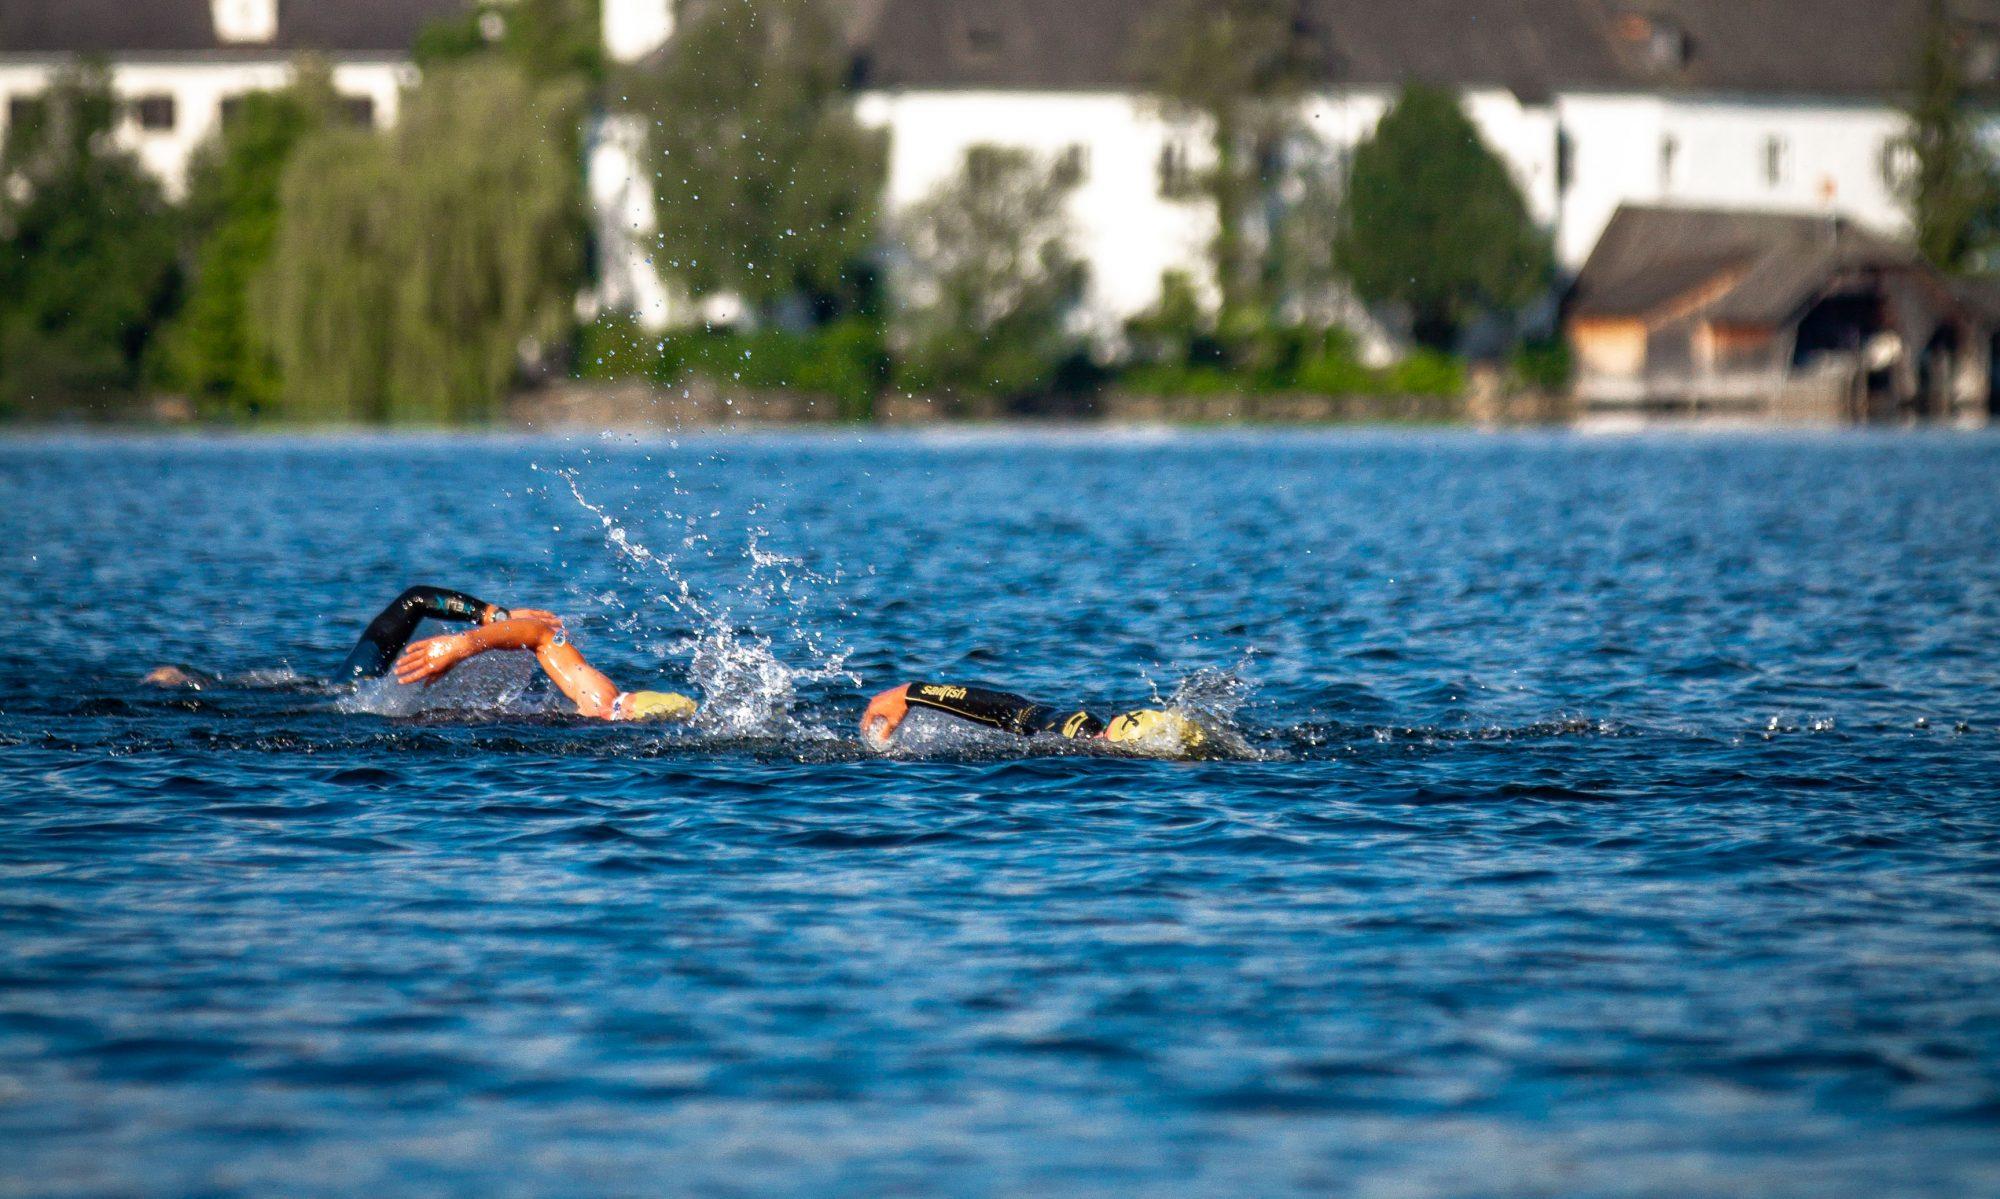 Raiffeisenbank Triathlon Gmunden